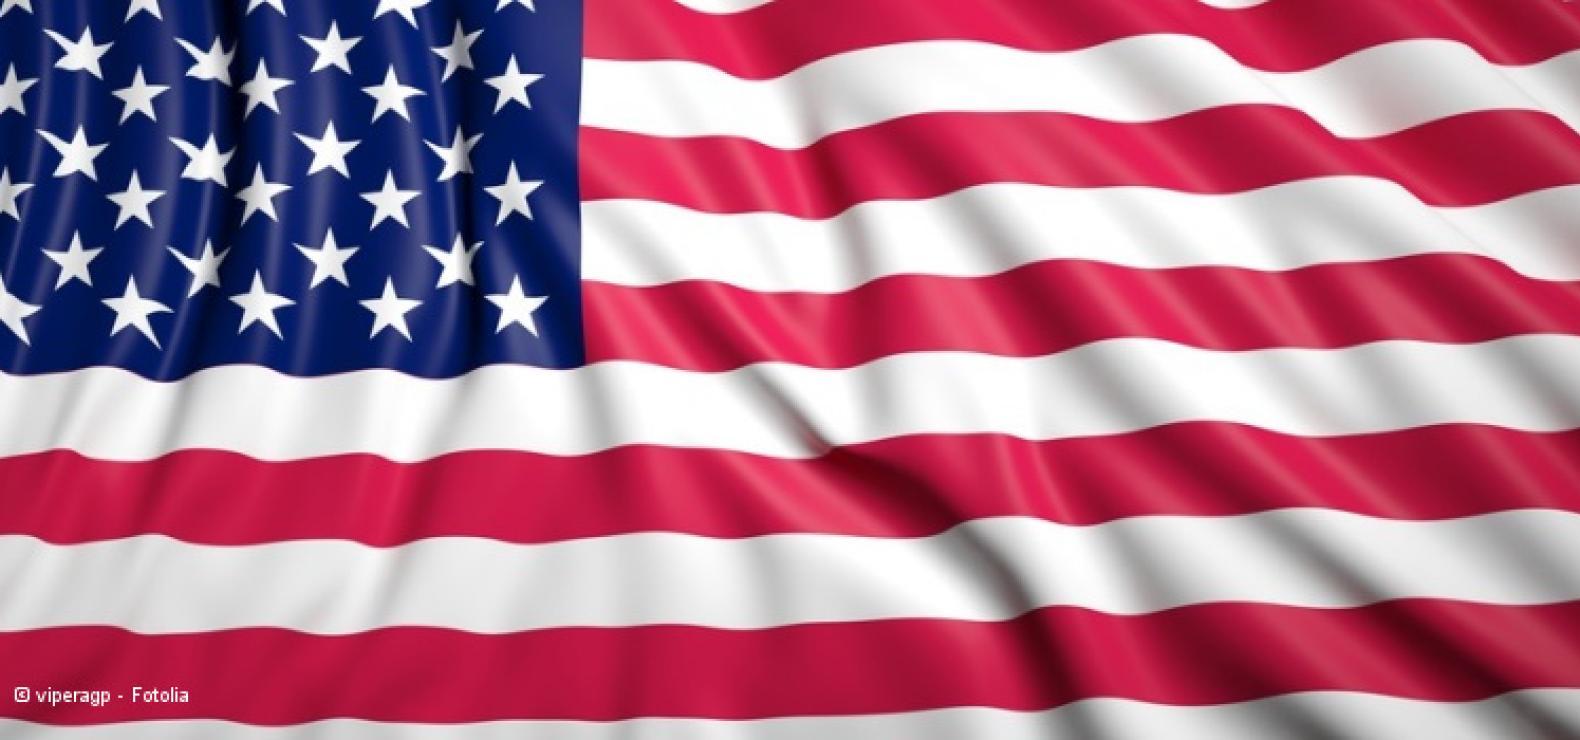 Flagge der USA mit Faltenwurf: rote und weiße Streifen und dazu links oben ein blaues Rechteck mit weißen Sternen